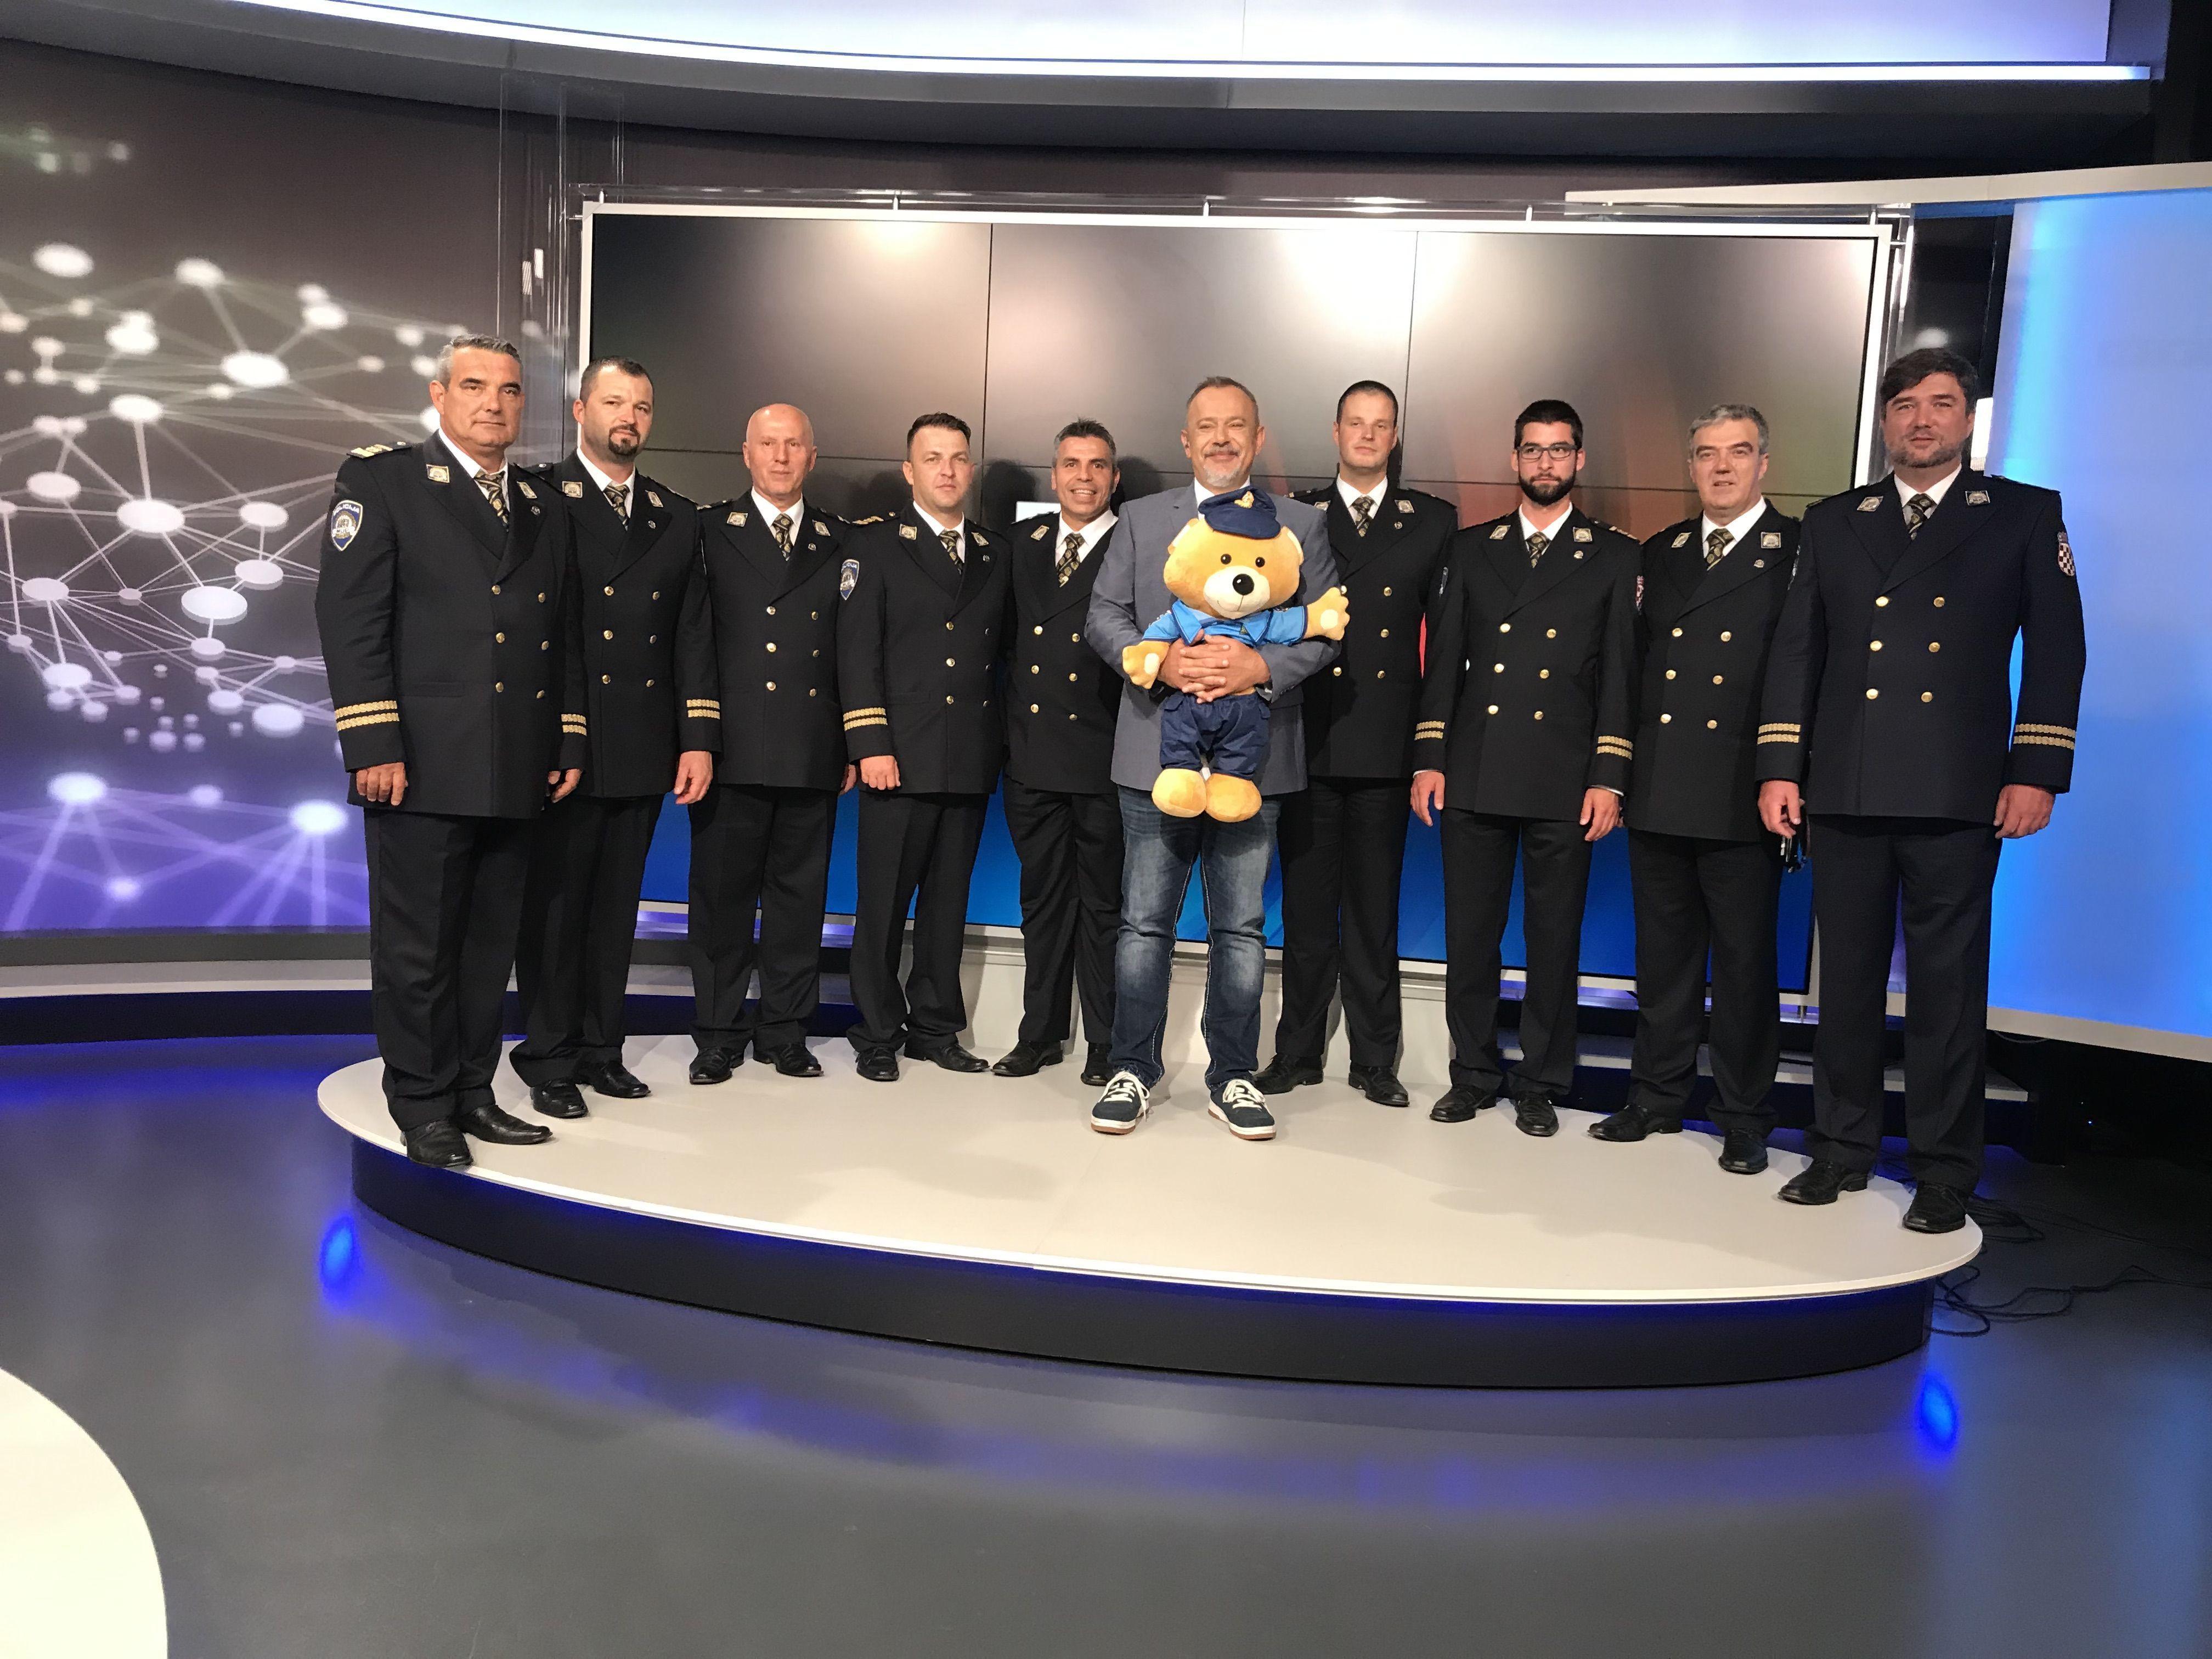 POVODOM DANA POLICIJE – Šprajc u RTL Direkt priveo raspjevane policajce: Poslušajte kako u njihovoj izvedbi zvuči hit 'Mojoj lijepoj'